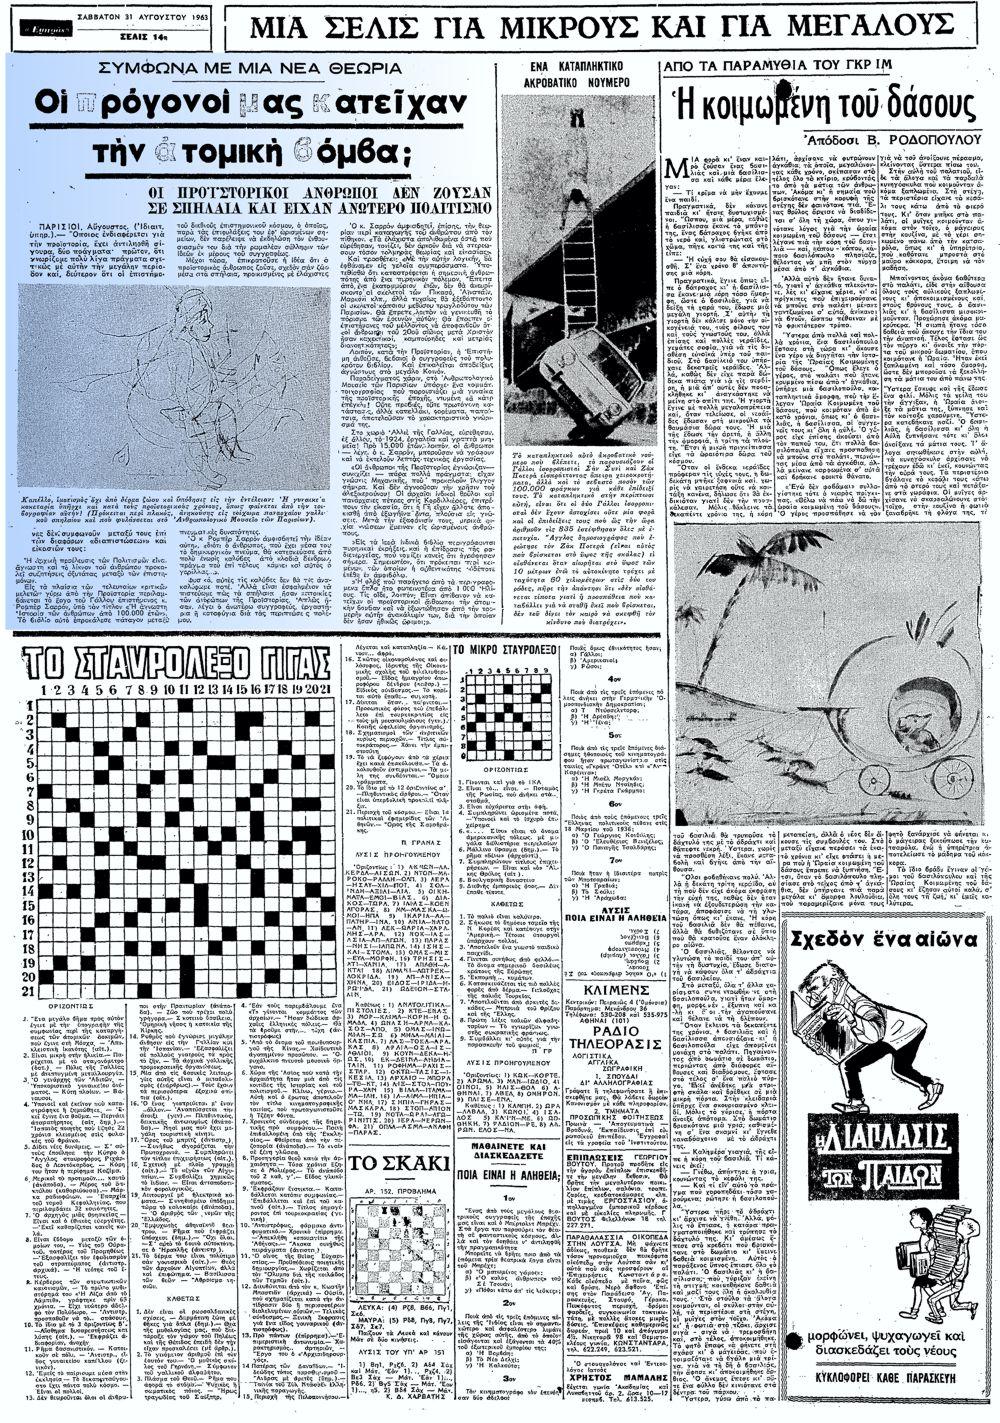 """Το άρθρο, όπως δημοσιεύθηκε στην εφημερίδα """"ΕΜΠΡΟΣ"""", στις 31/08/1963"""